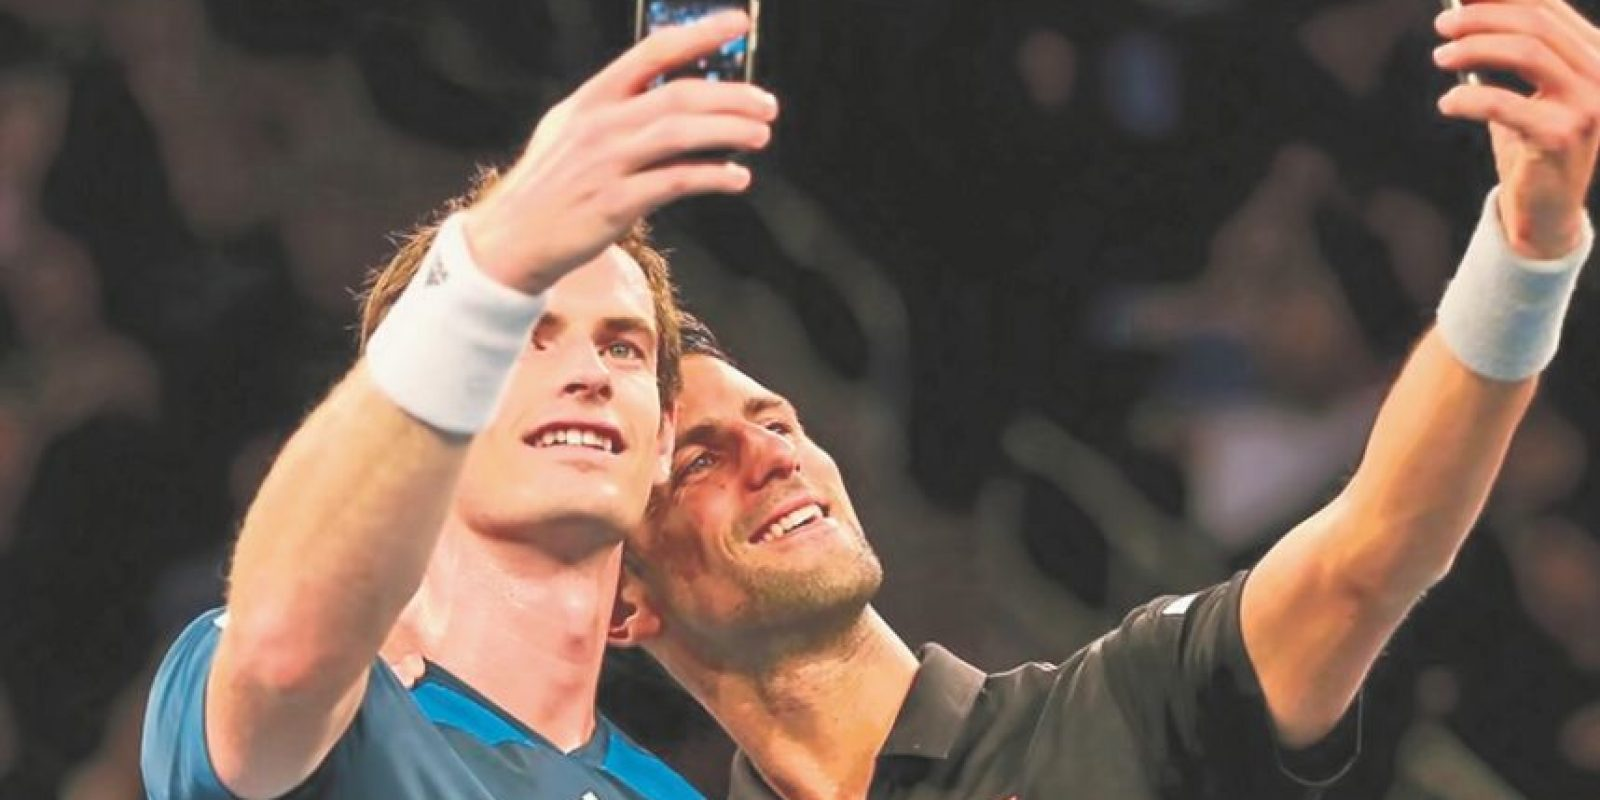 Djokovic y Murray. Rivales encarnizados en la cancha y amigos a la vez, Andy Murray y Novak Djokovic, comparten dos pasiones: el tenis y hacerse fotos. Aquí aparecen ambos en el Madison Square Garden en 2014. Foto:Fuente externa